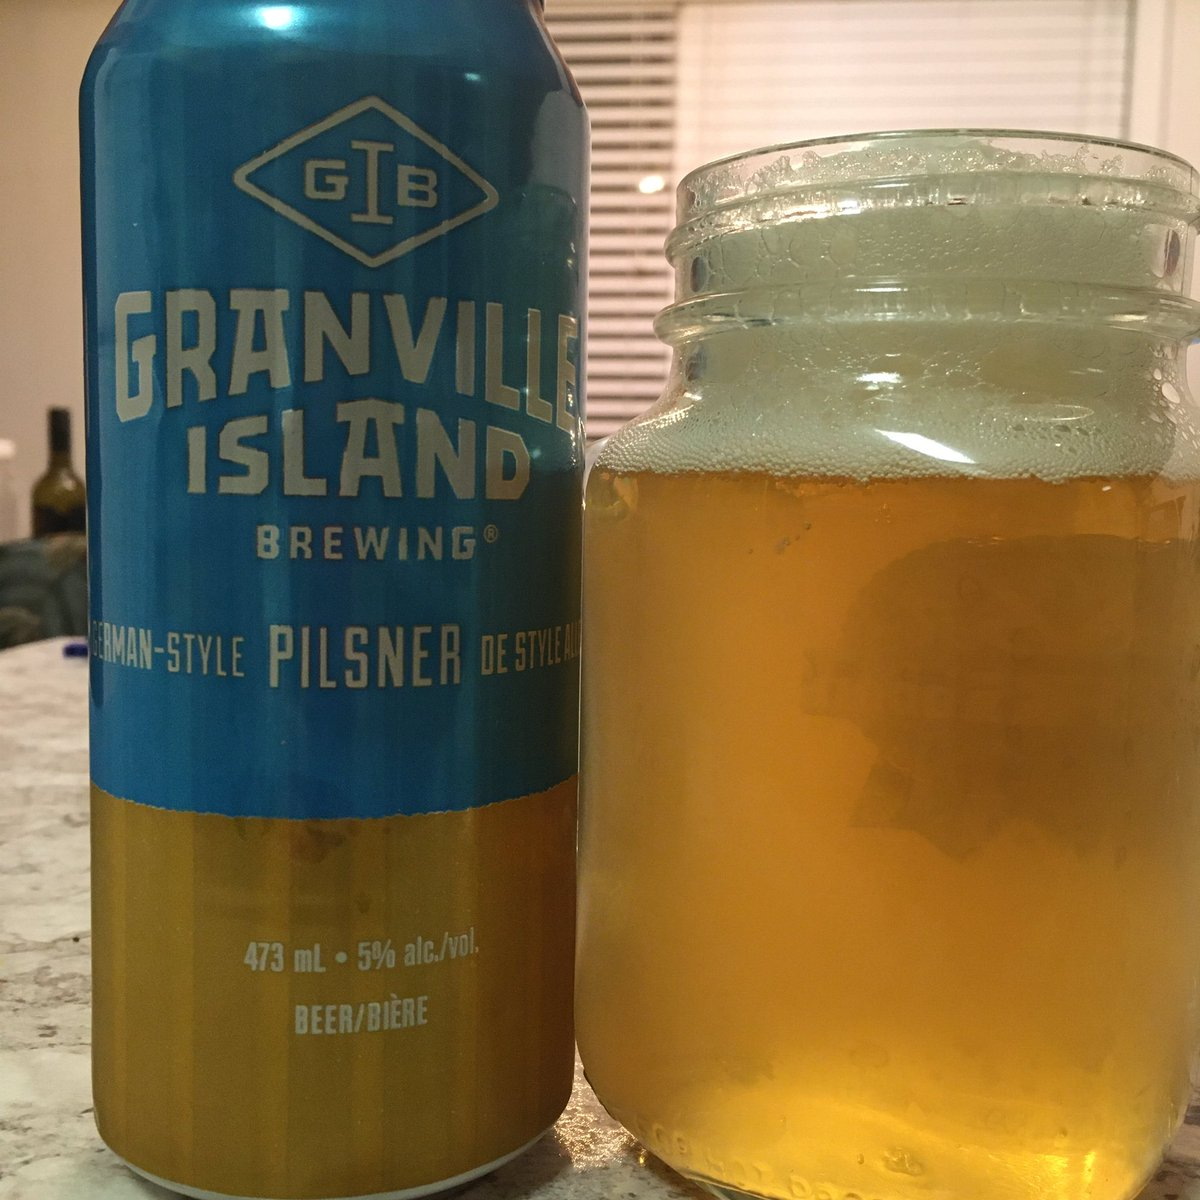 グランビルアイランドのビール工房 ピルスナー。軽くてスイスイ飲める。 #ビール #カナダ #granvilleislandbrewing #pilsner #beer #canada https://t.co/3EuCAa1eW8